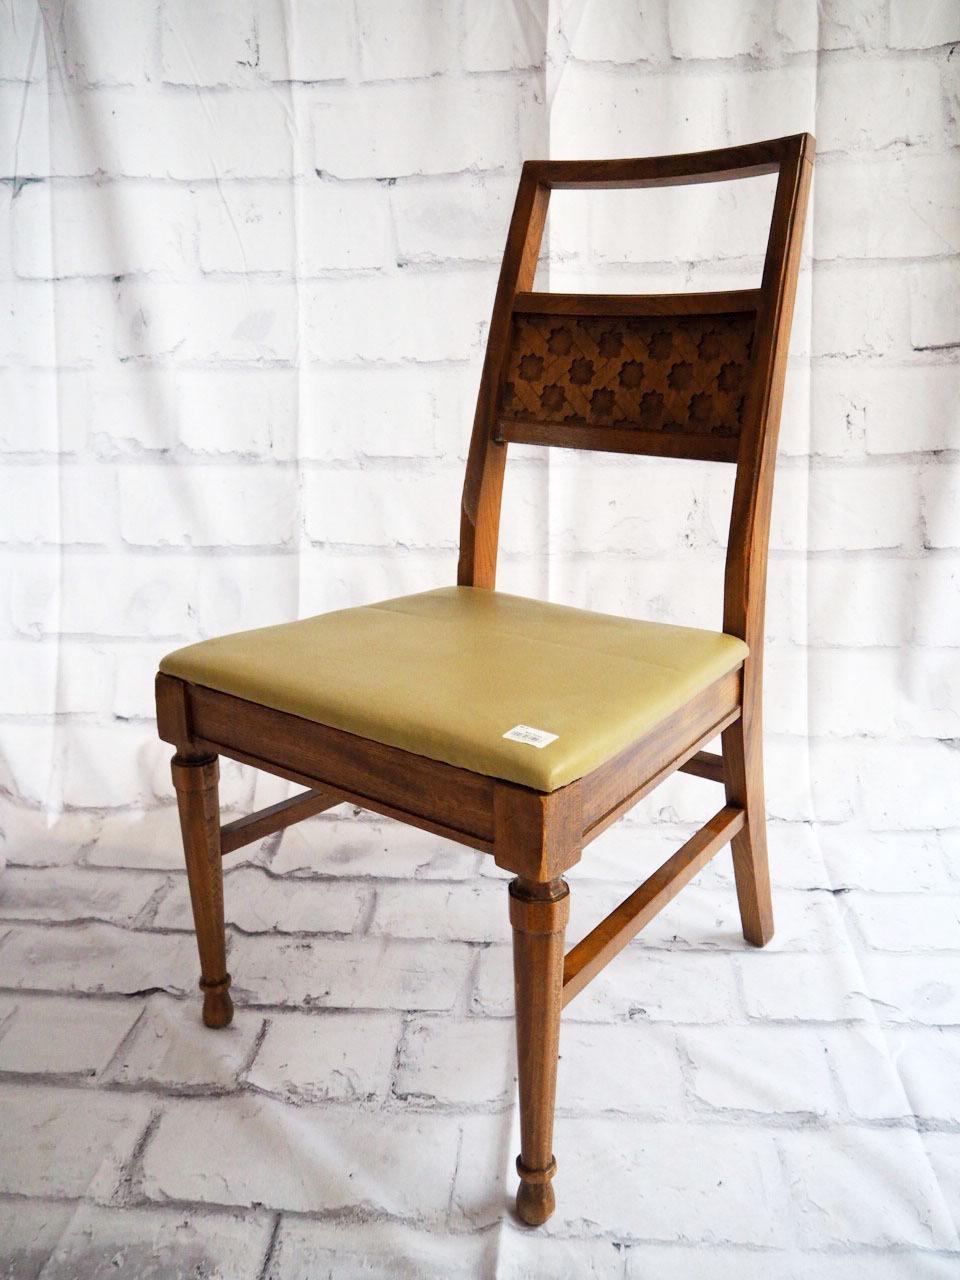 品番5207 Kent Coffey ケント・コフィー 一人掛け チェアー 椅子 ヴィンテージ